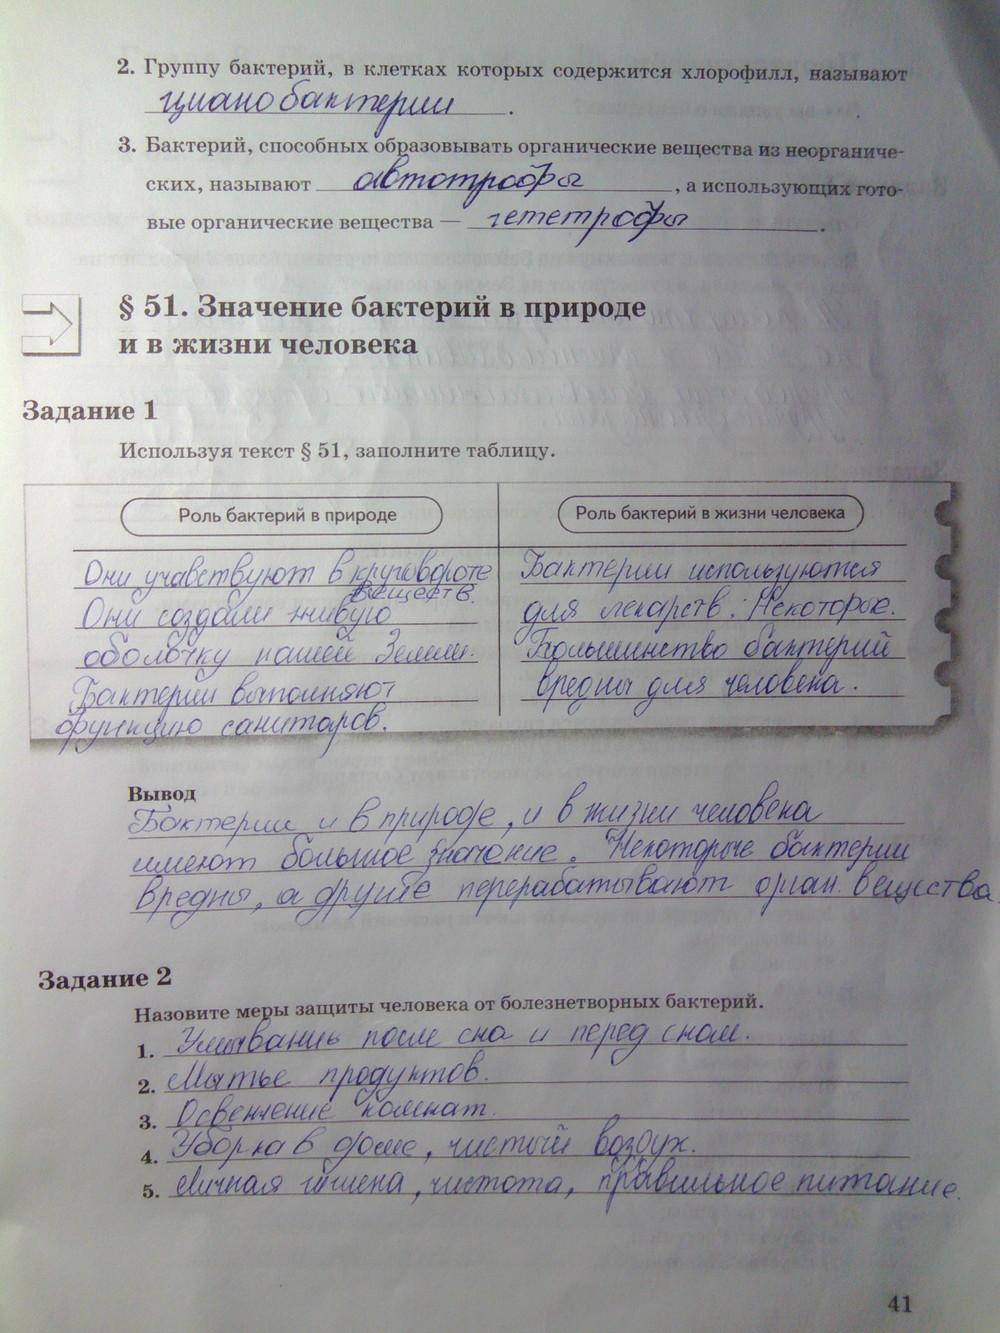 2018 6 пономарев гдз класс биология